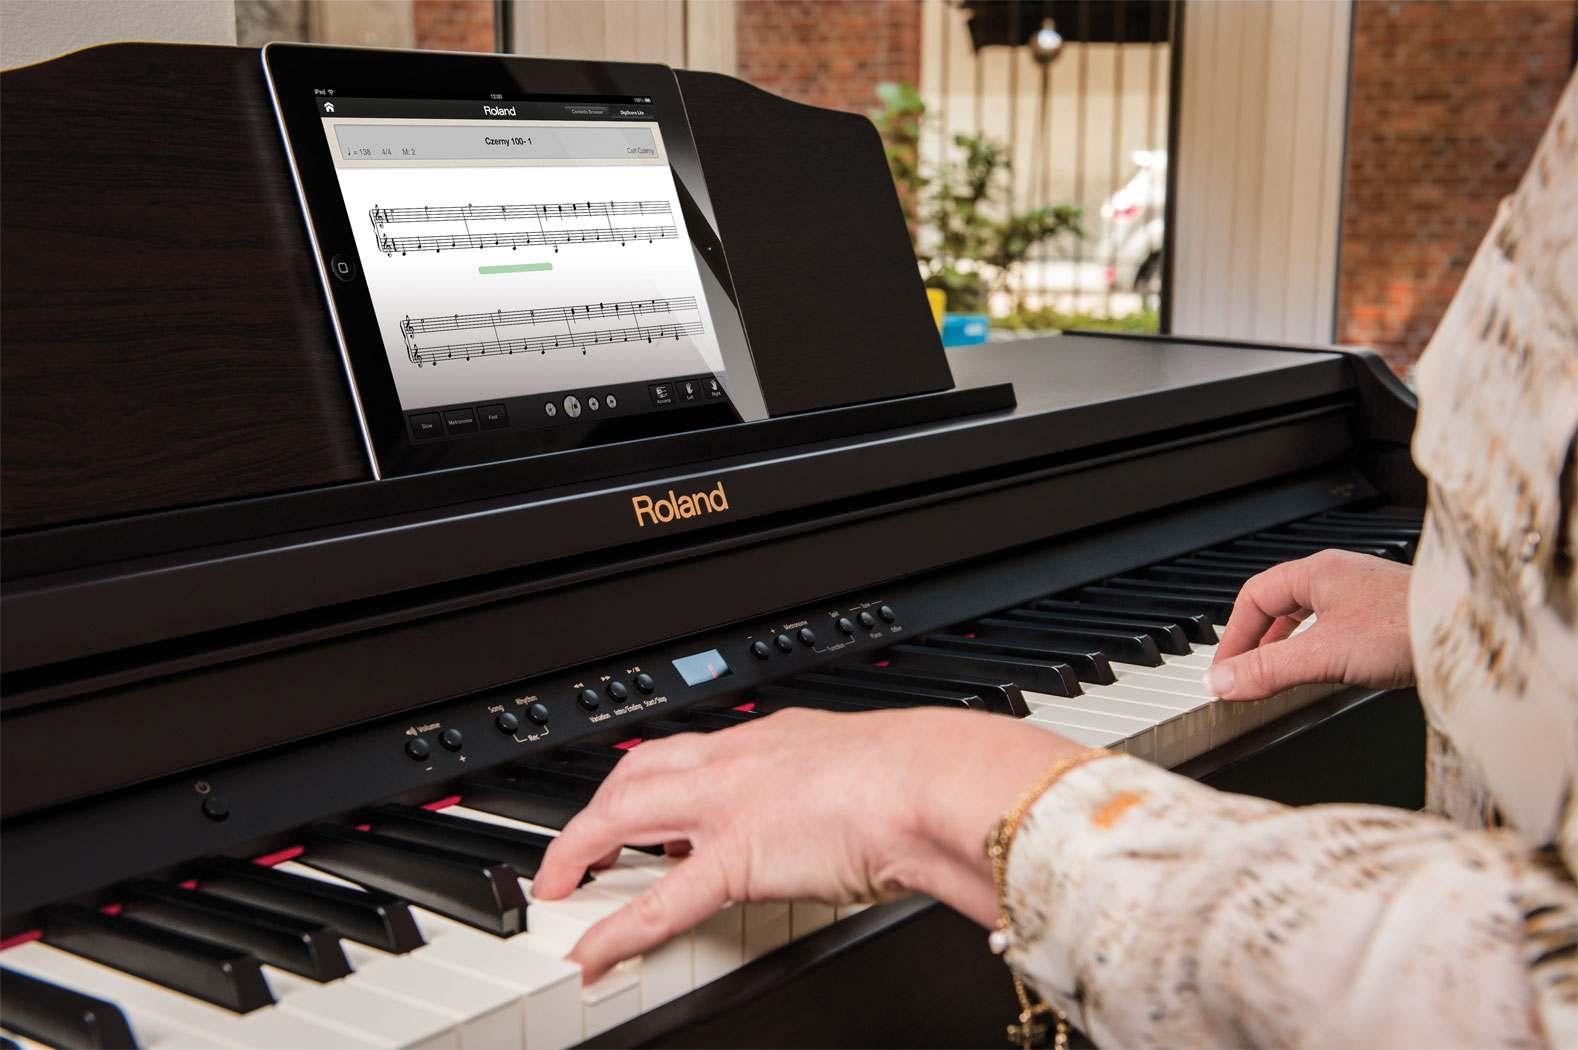 Piano Roland RP-401R